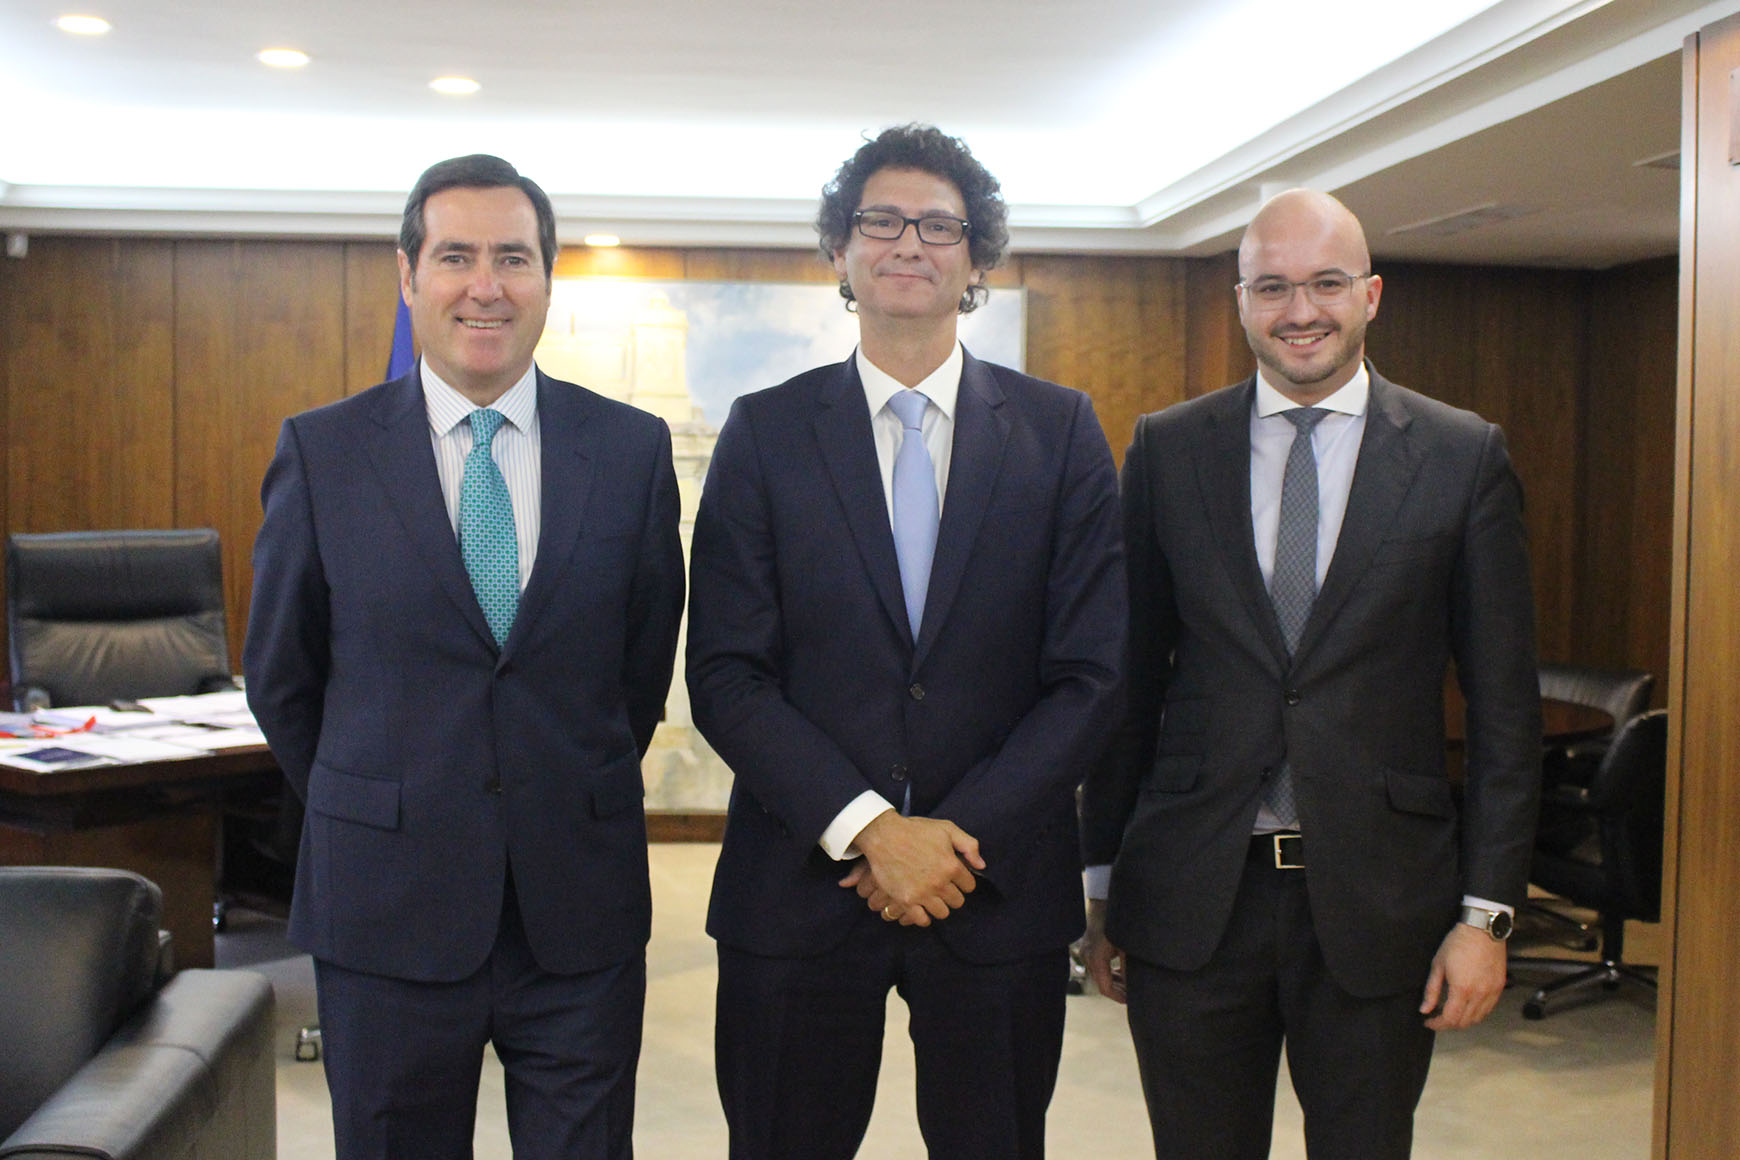 CEAJE abre la puerta de nuevas oportunidades de negocio a jóvenes empresarios en Argentina